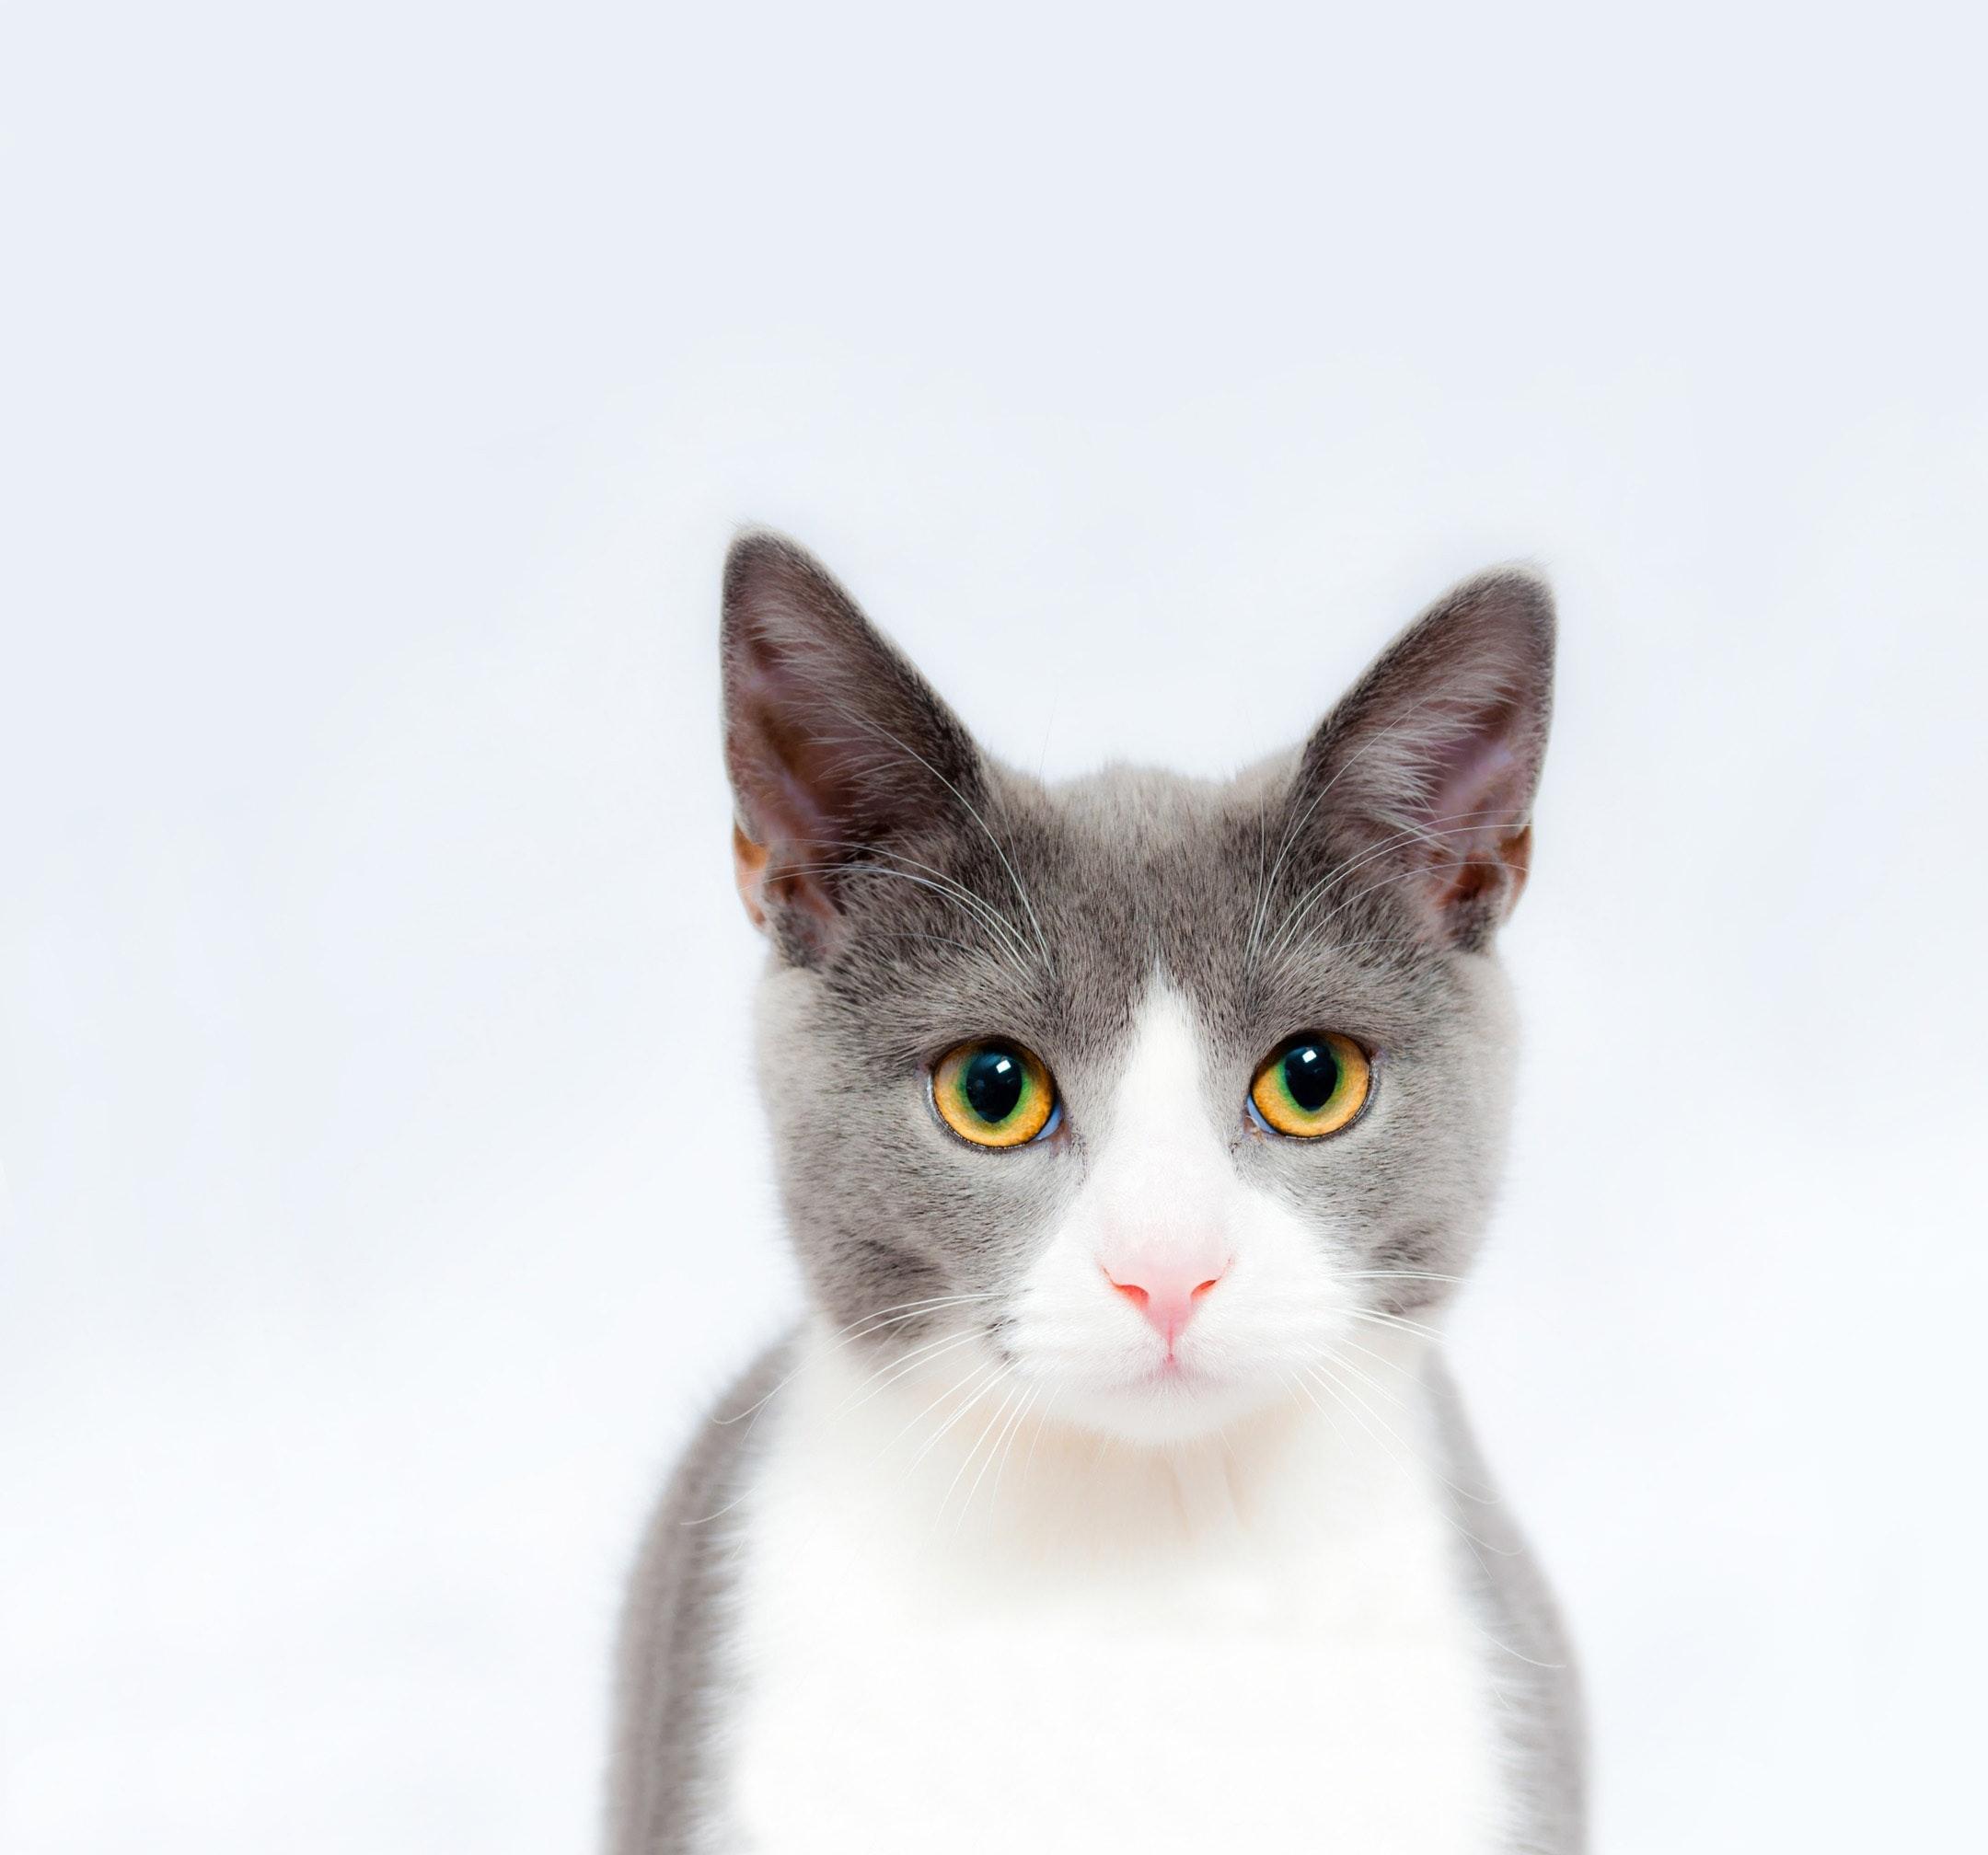 Cat: 1000+ Beautiful Cat Face Photos · Pexels · Free Stock Photos